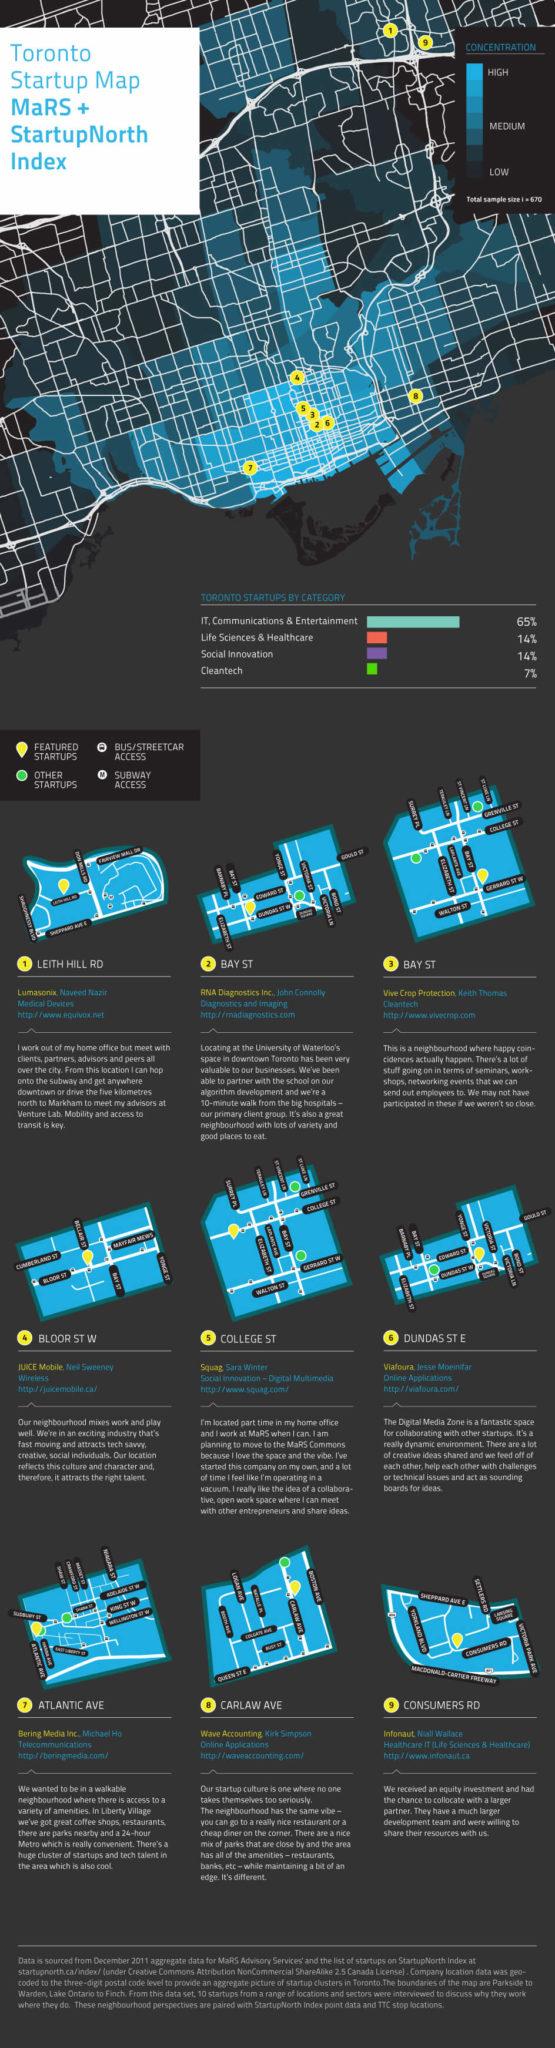 Toronto Startup Map